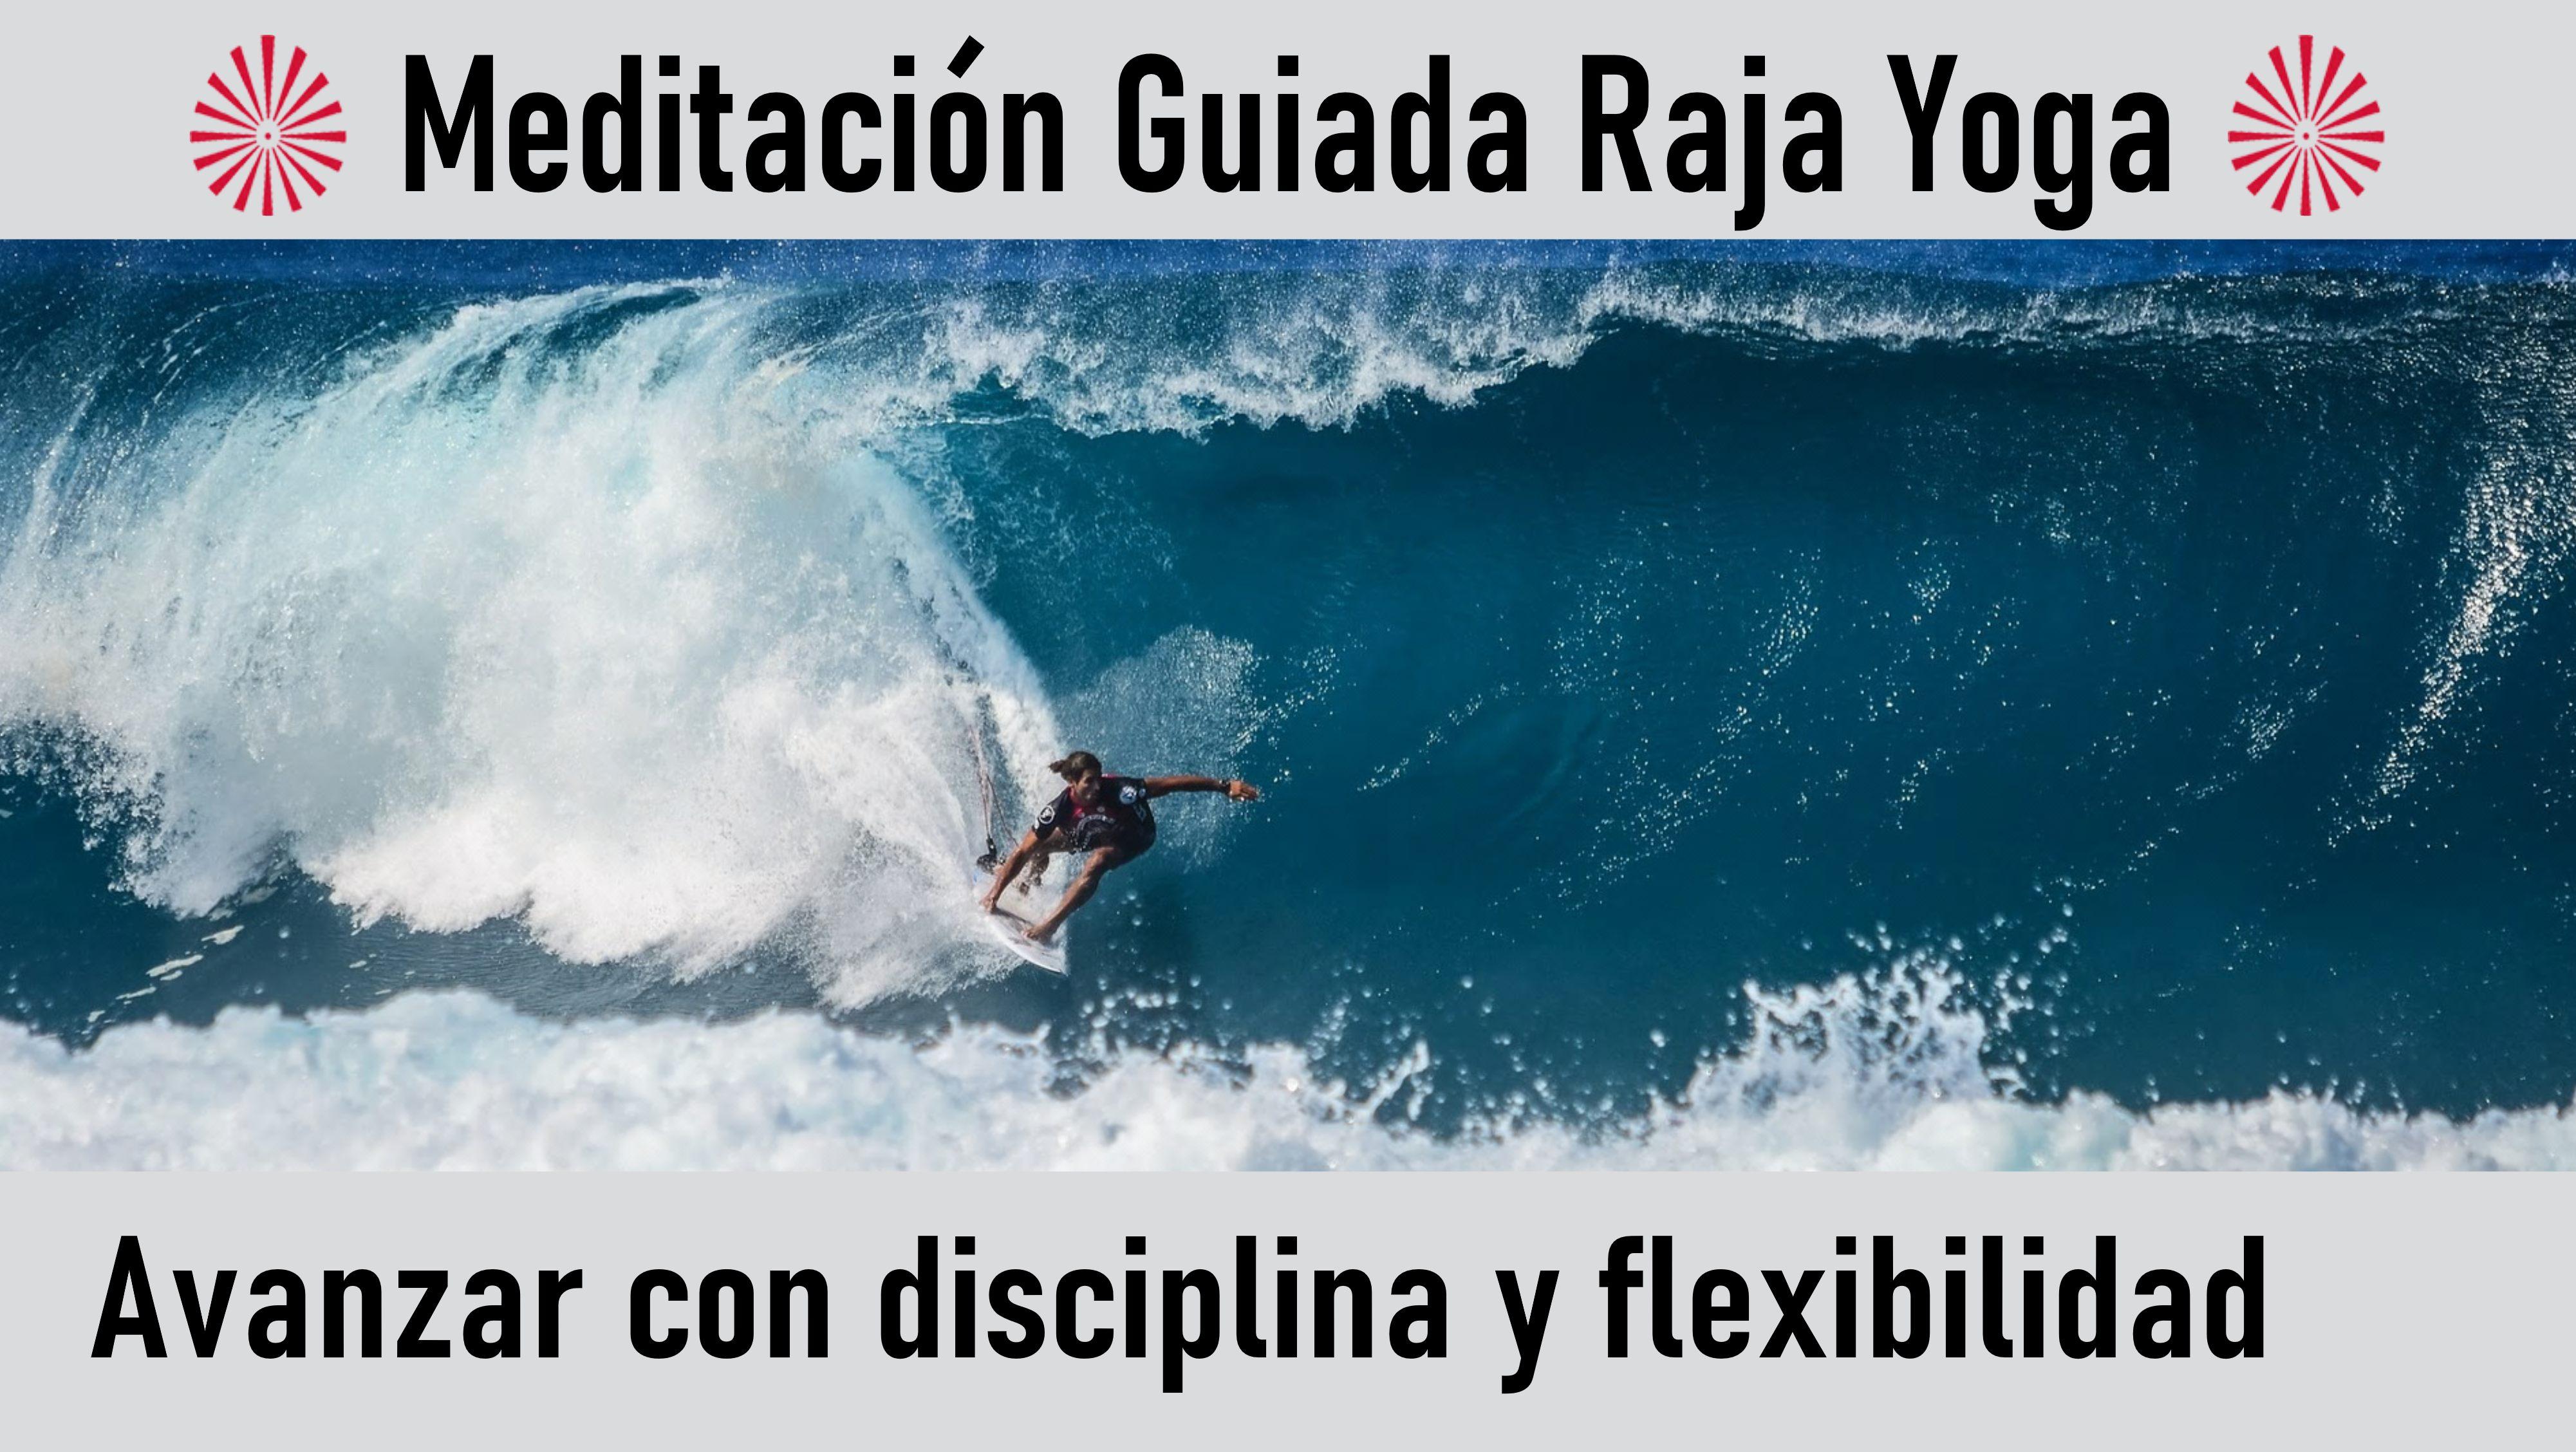 MeditaciónRaja Yoga: Avanzar con disciplina y flexibilidad (15 Agosto 2020) On-line desde Valencia